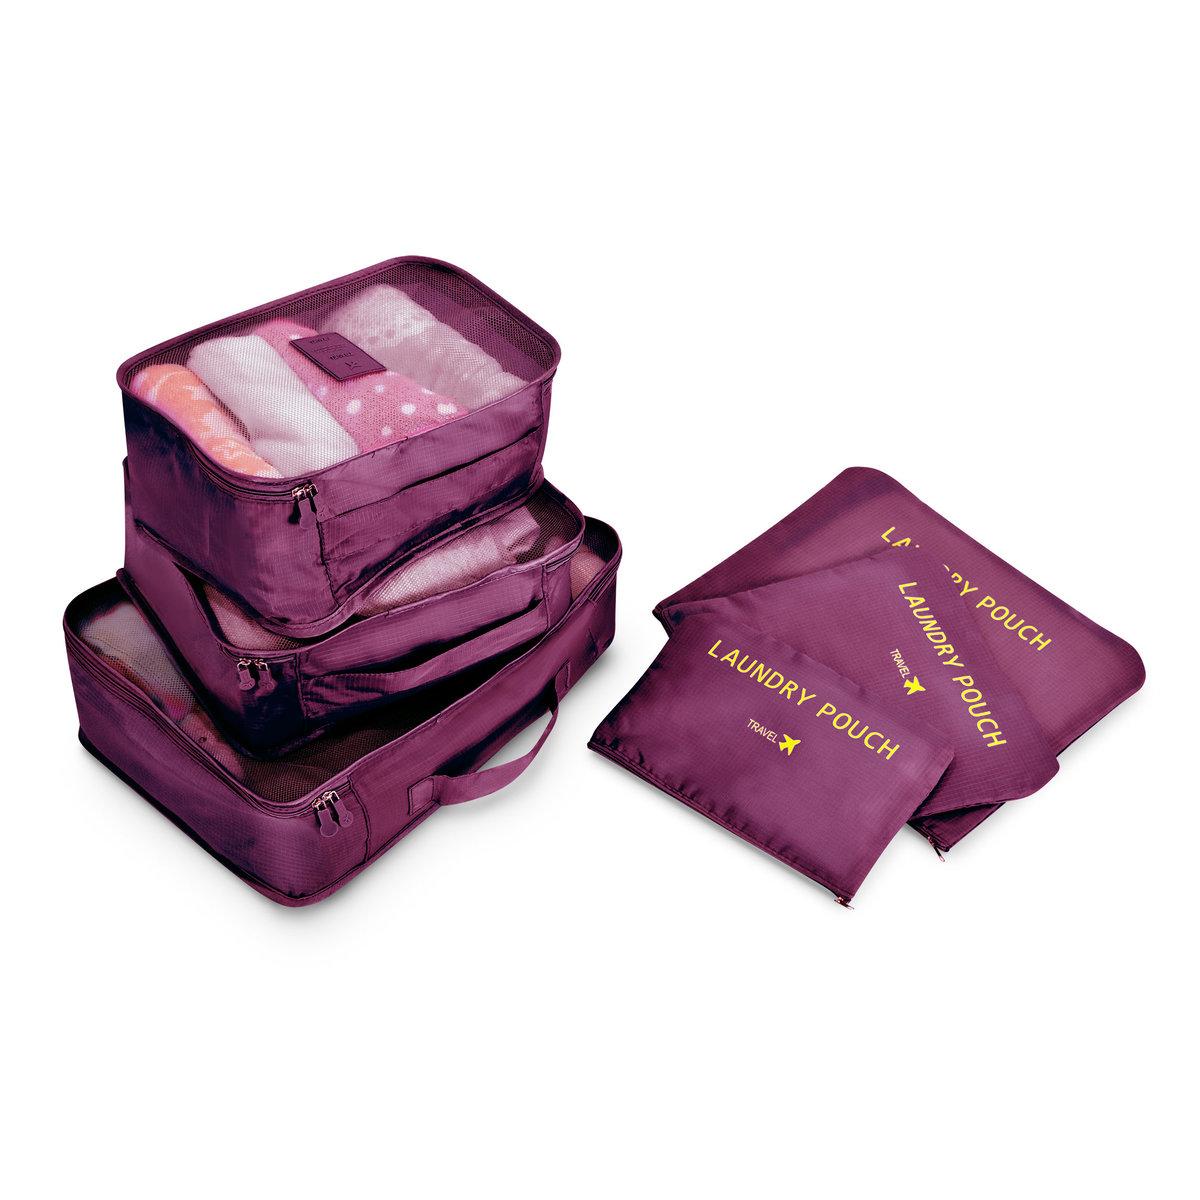 旅行收納袋6件裝(灰色) - TSB6GY